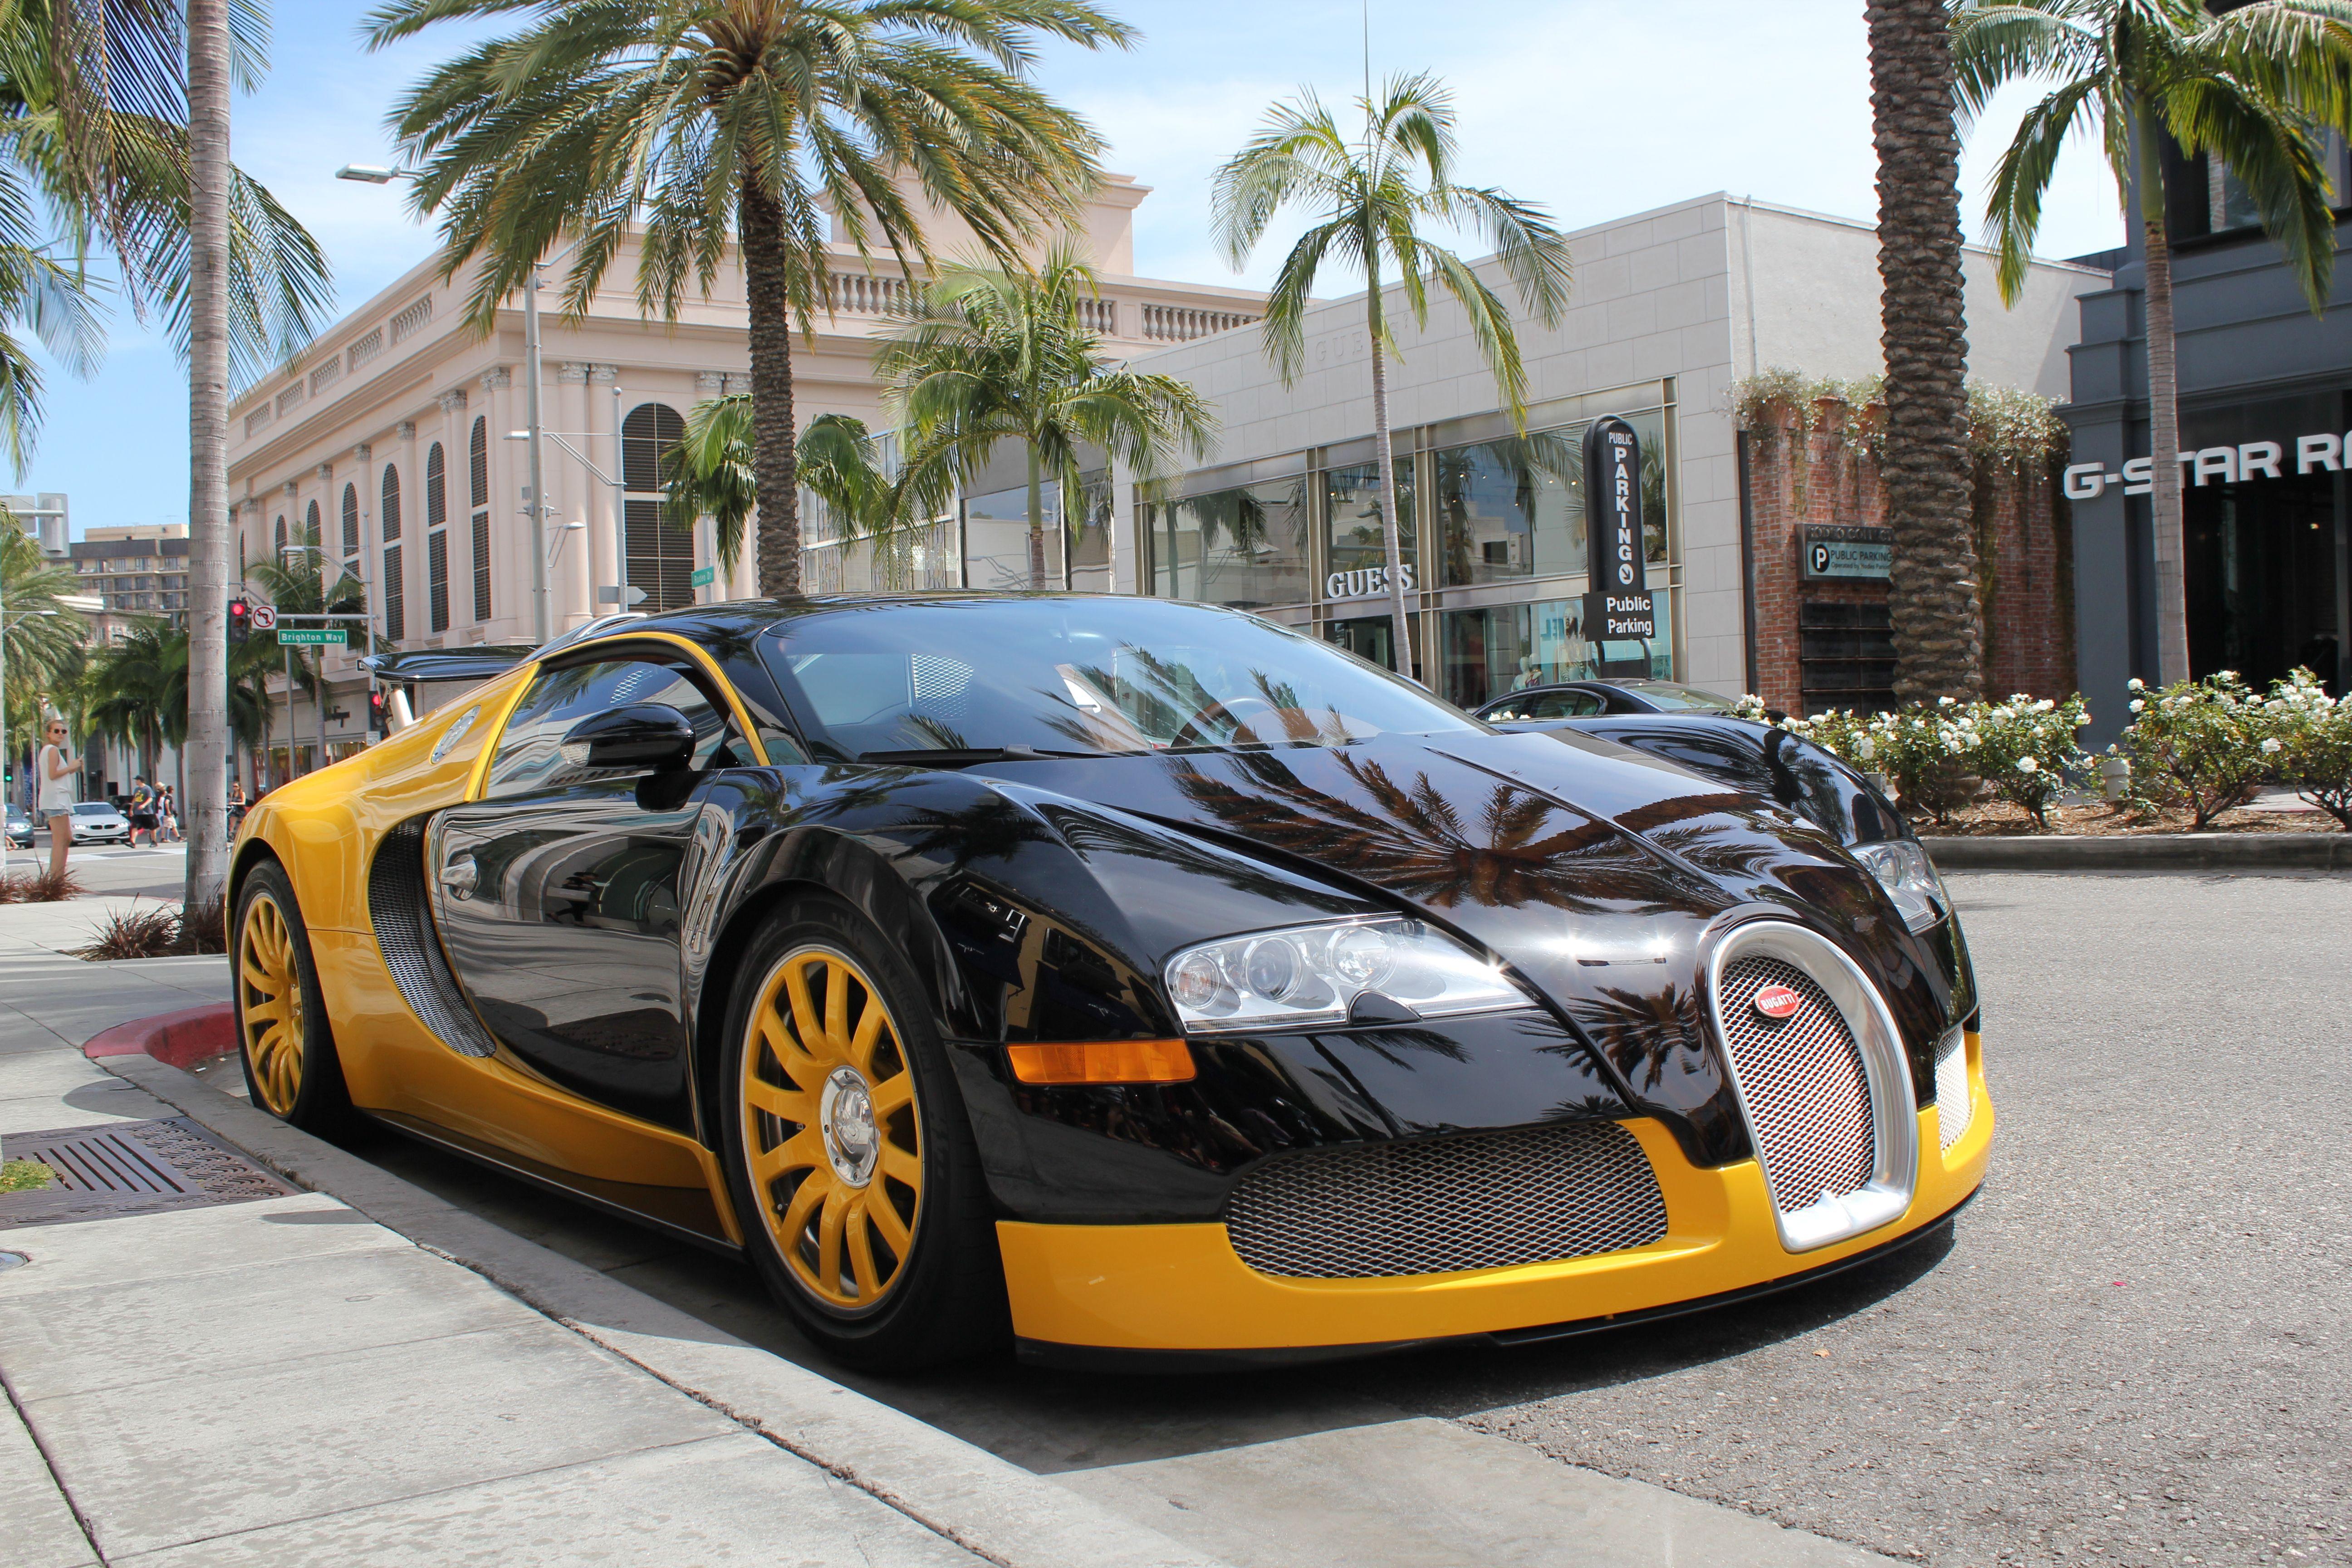 e39a1d9326e659270665d97922385dbb Gorgeous Bugatti Veyron Zero to 60 Cars Trend